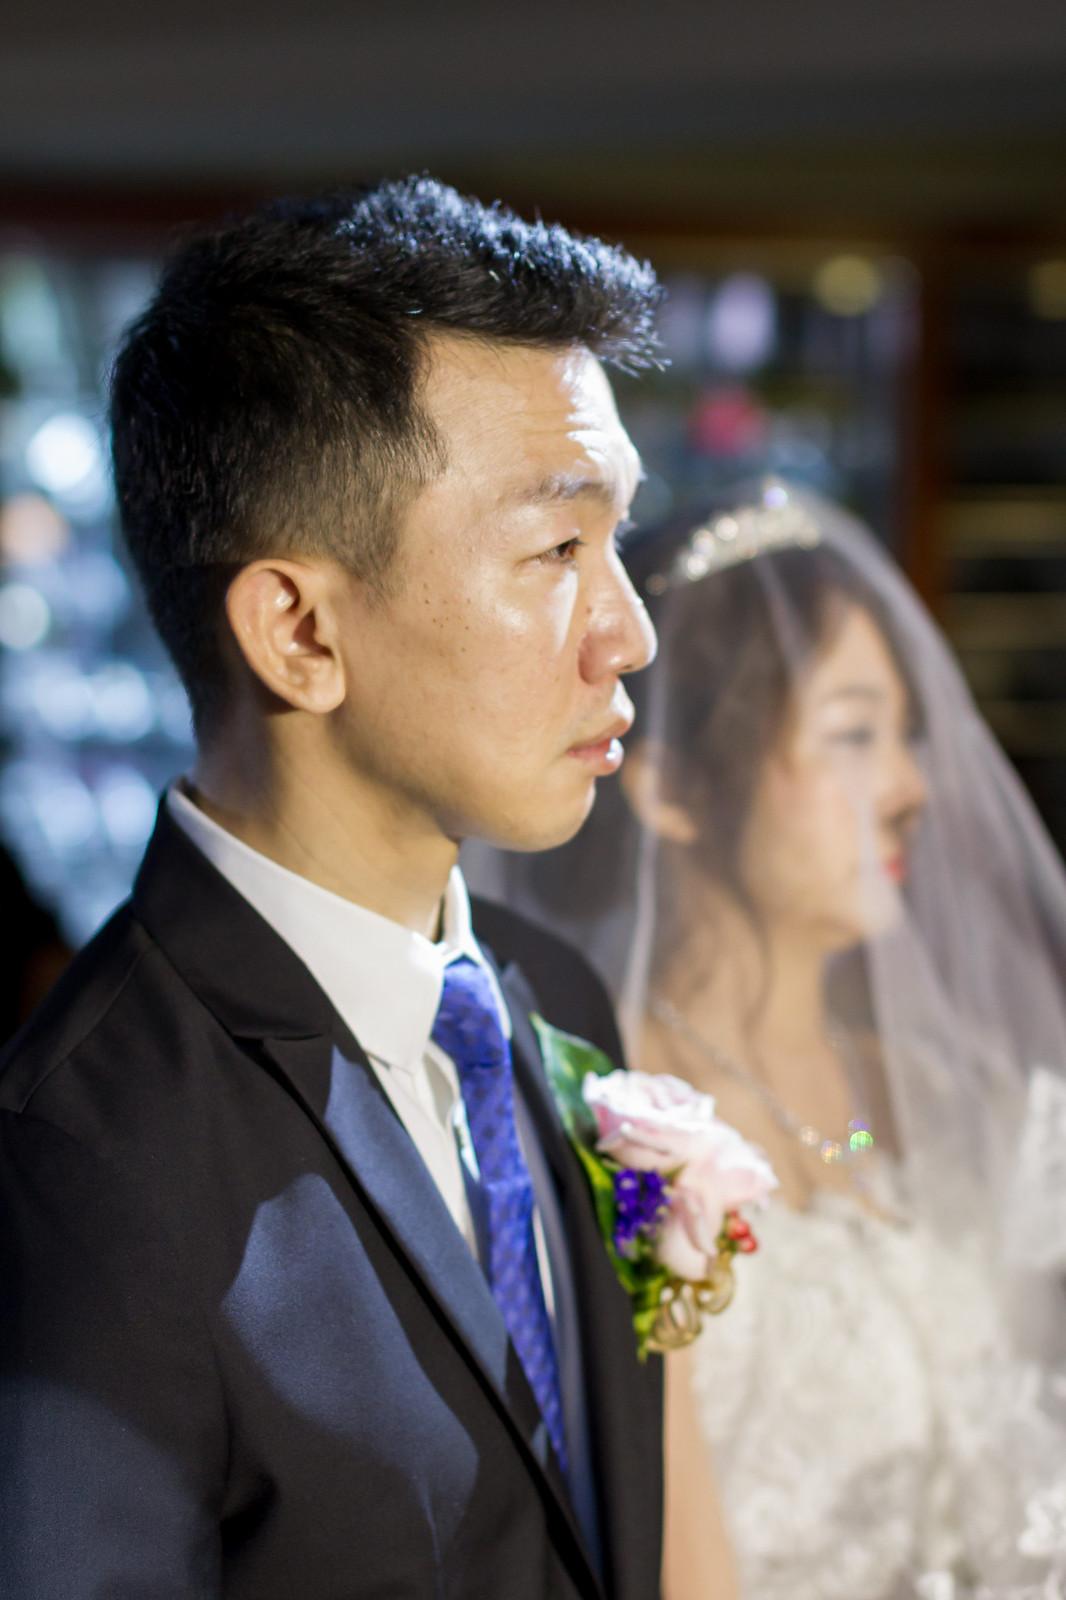 證婚儀式精選-88